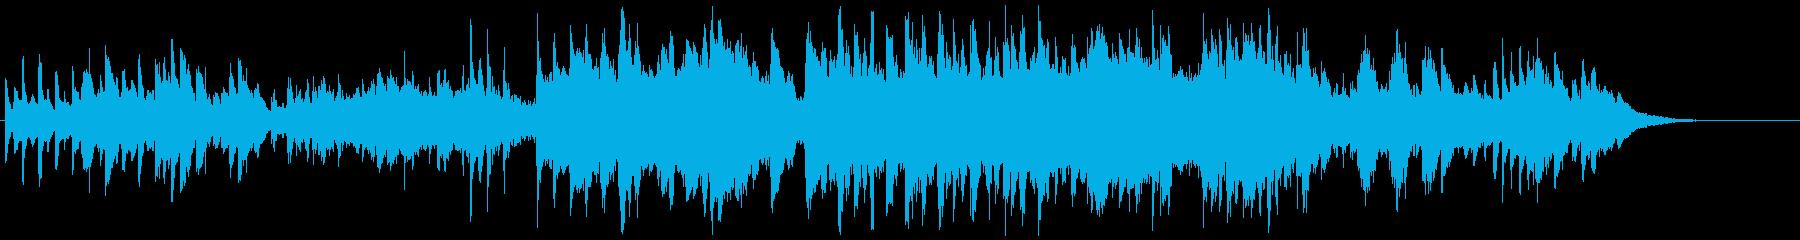 モーツアルトのようなピアノクインテットの再生済みの波形